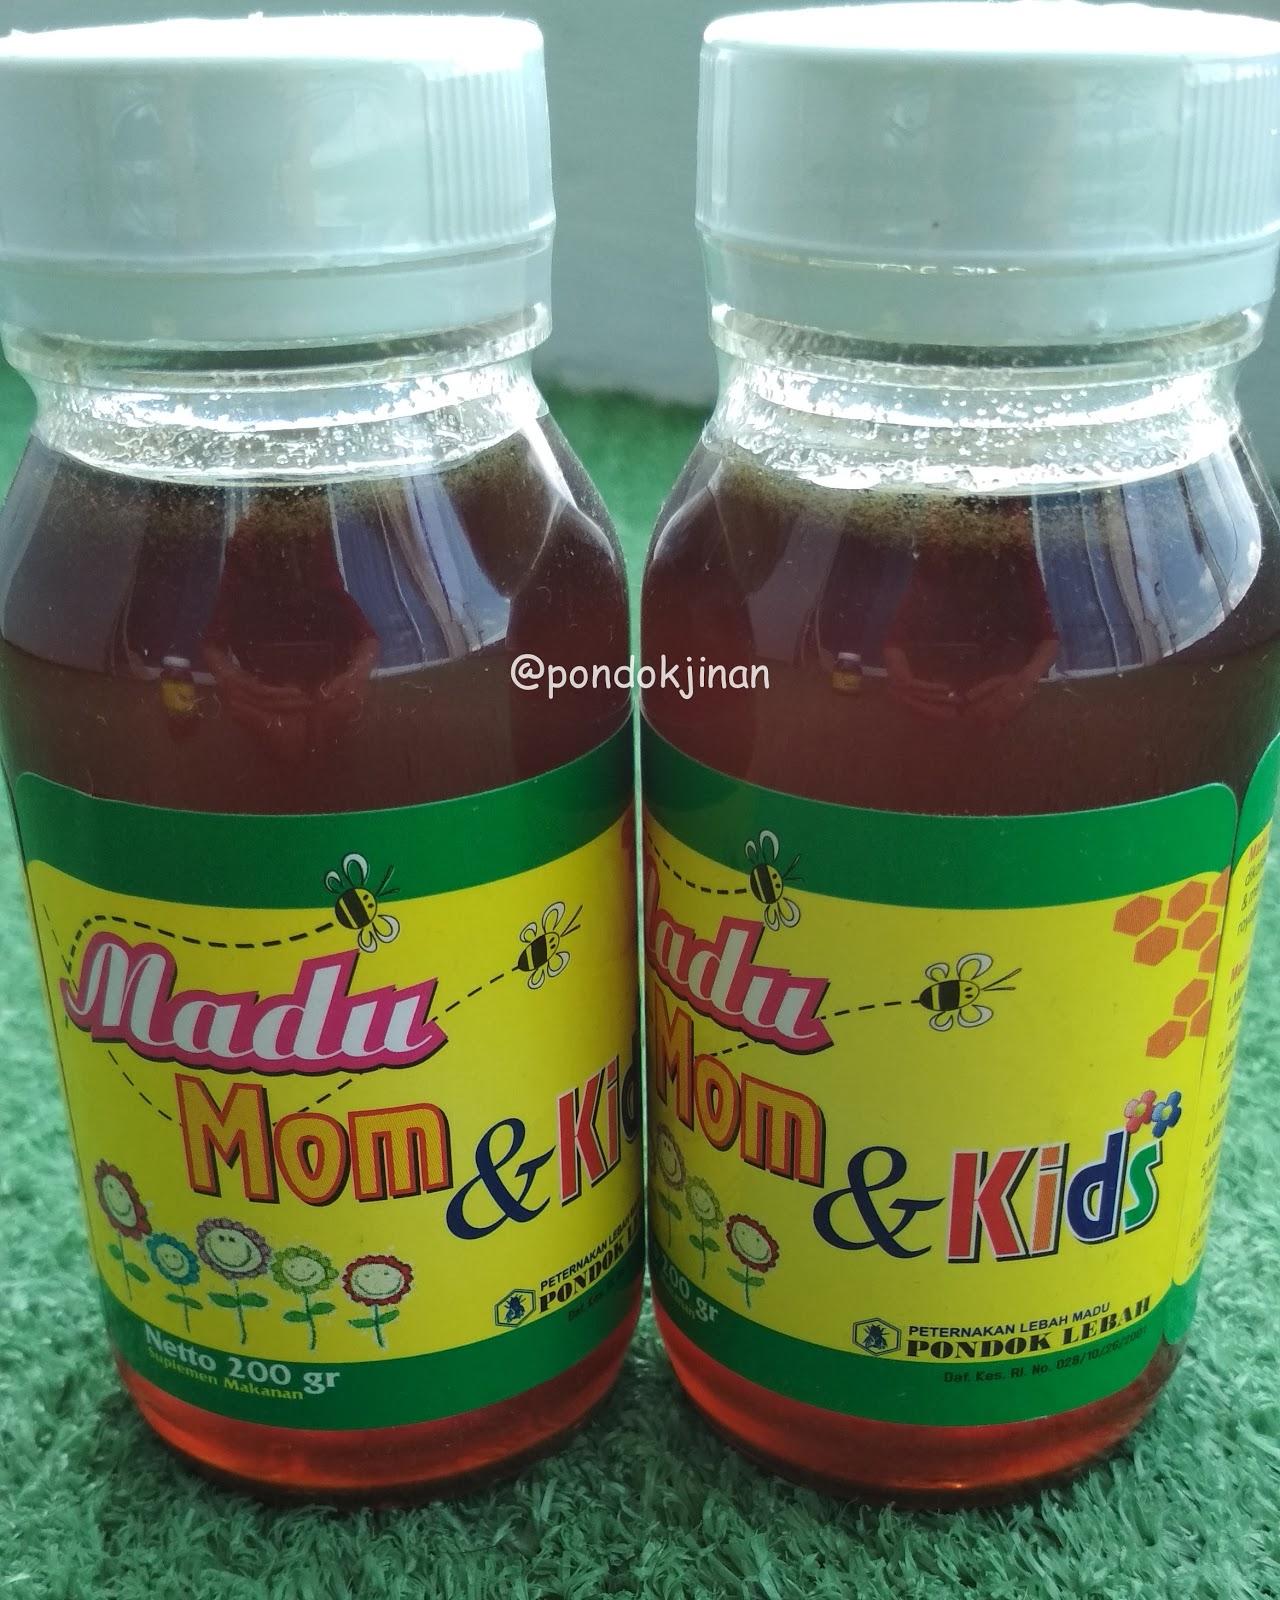 Jual Madu MOM and KIDS (Madu + Royal Jelly - 200gr) Asli dan Murni Peternak Lebah